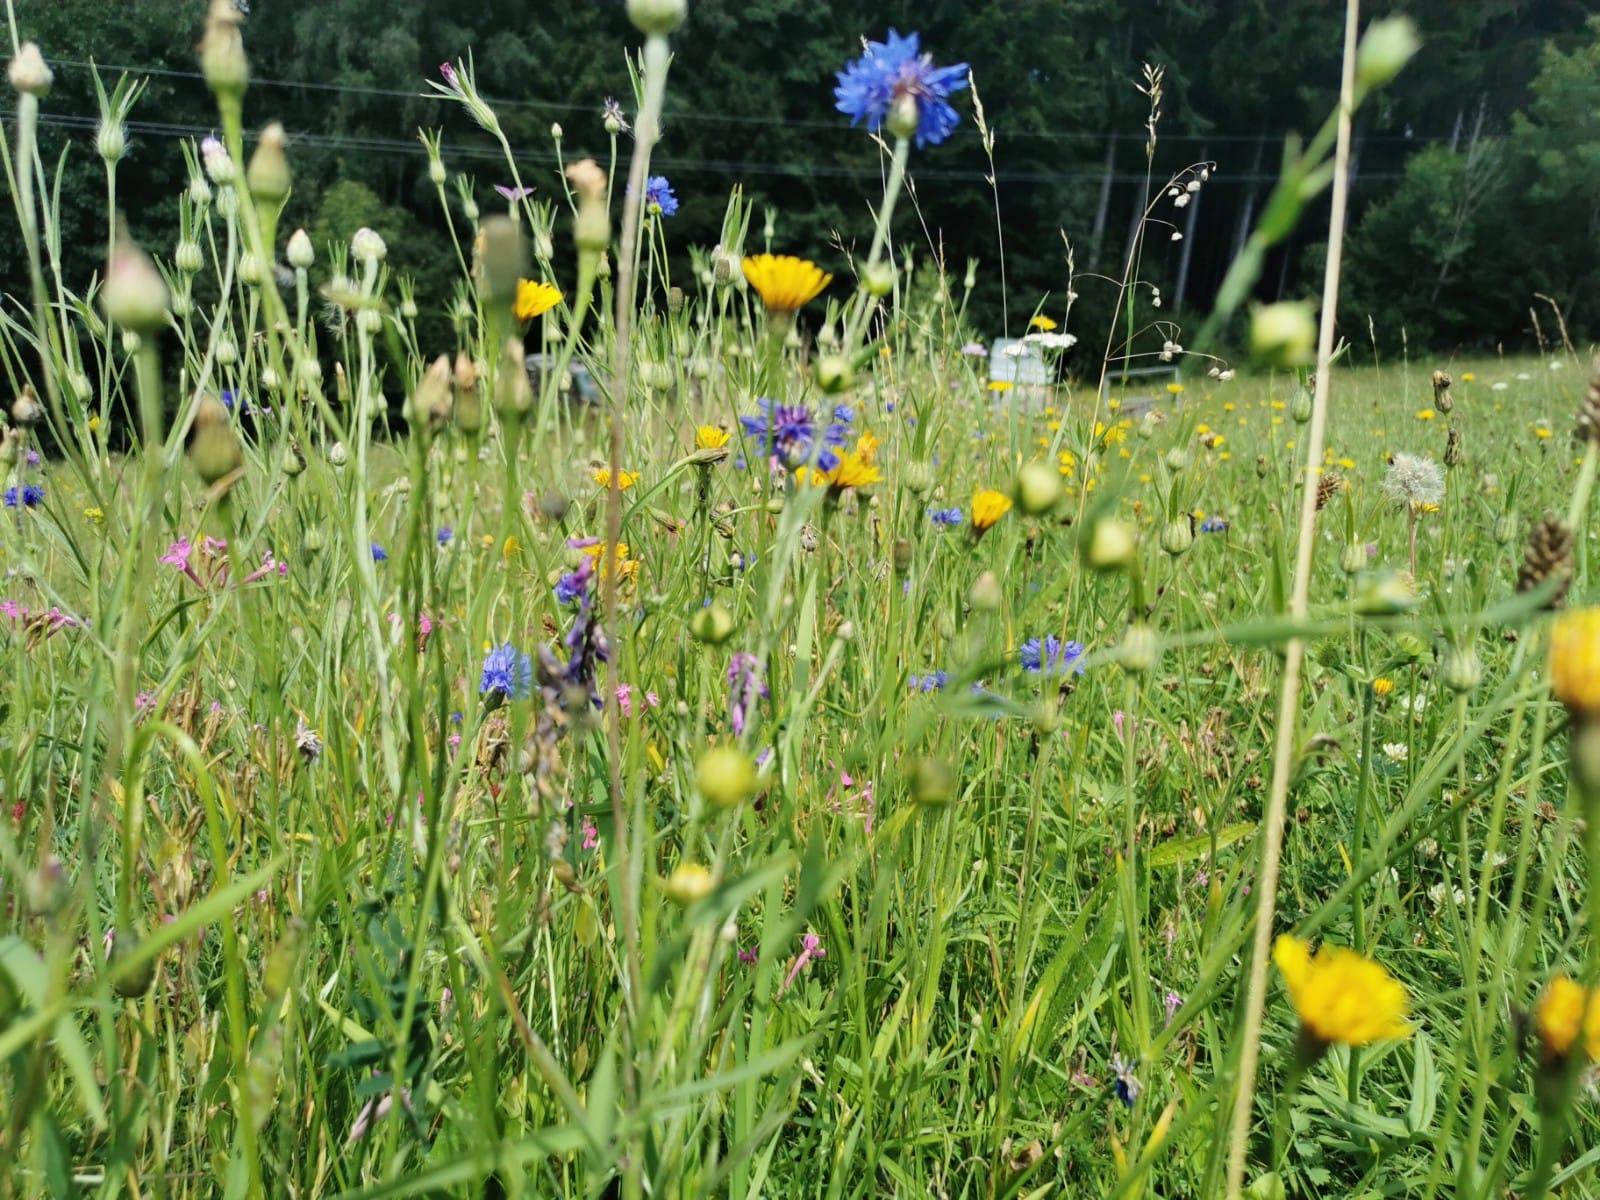 Blühstreifen - Bio Imkerei Bramreither - Mühlviertel - Rohrbach - Helfenberg - Penning - Bunte Blumen